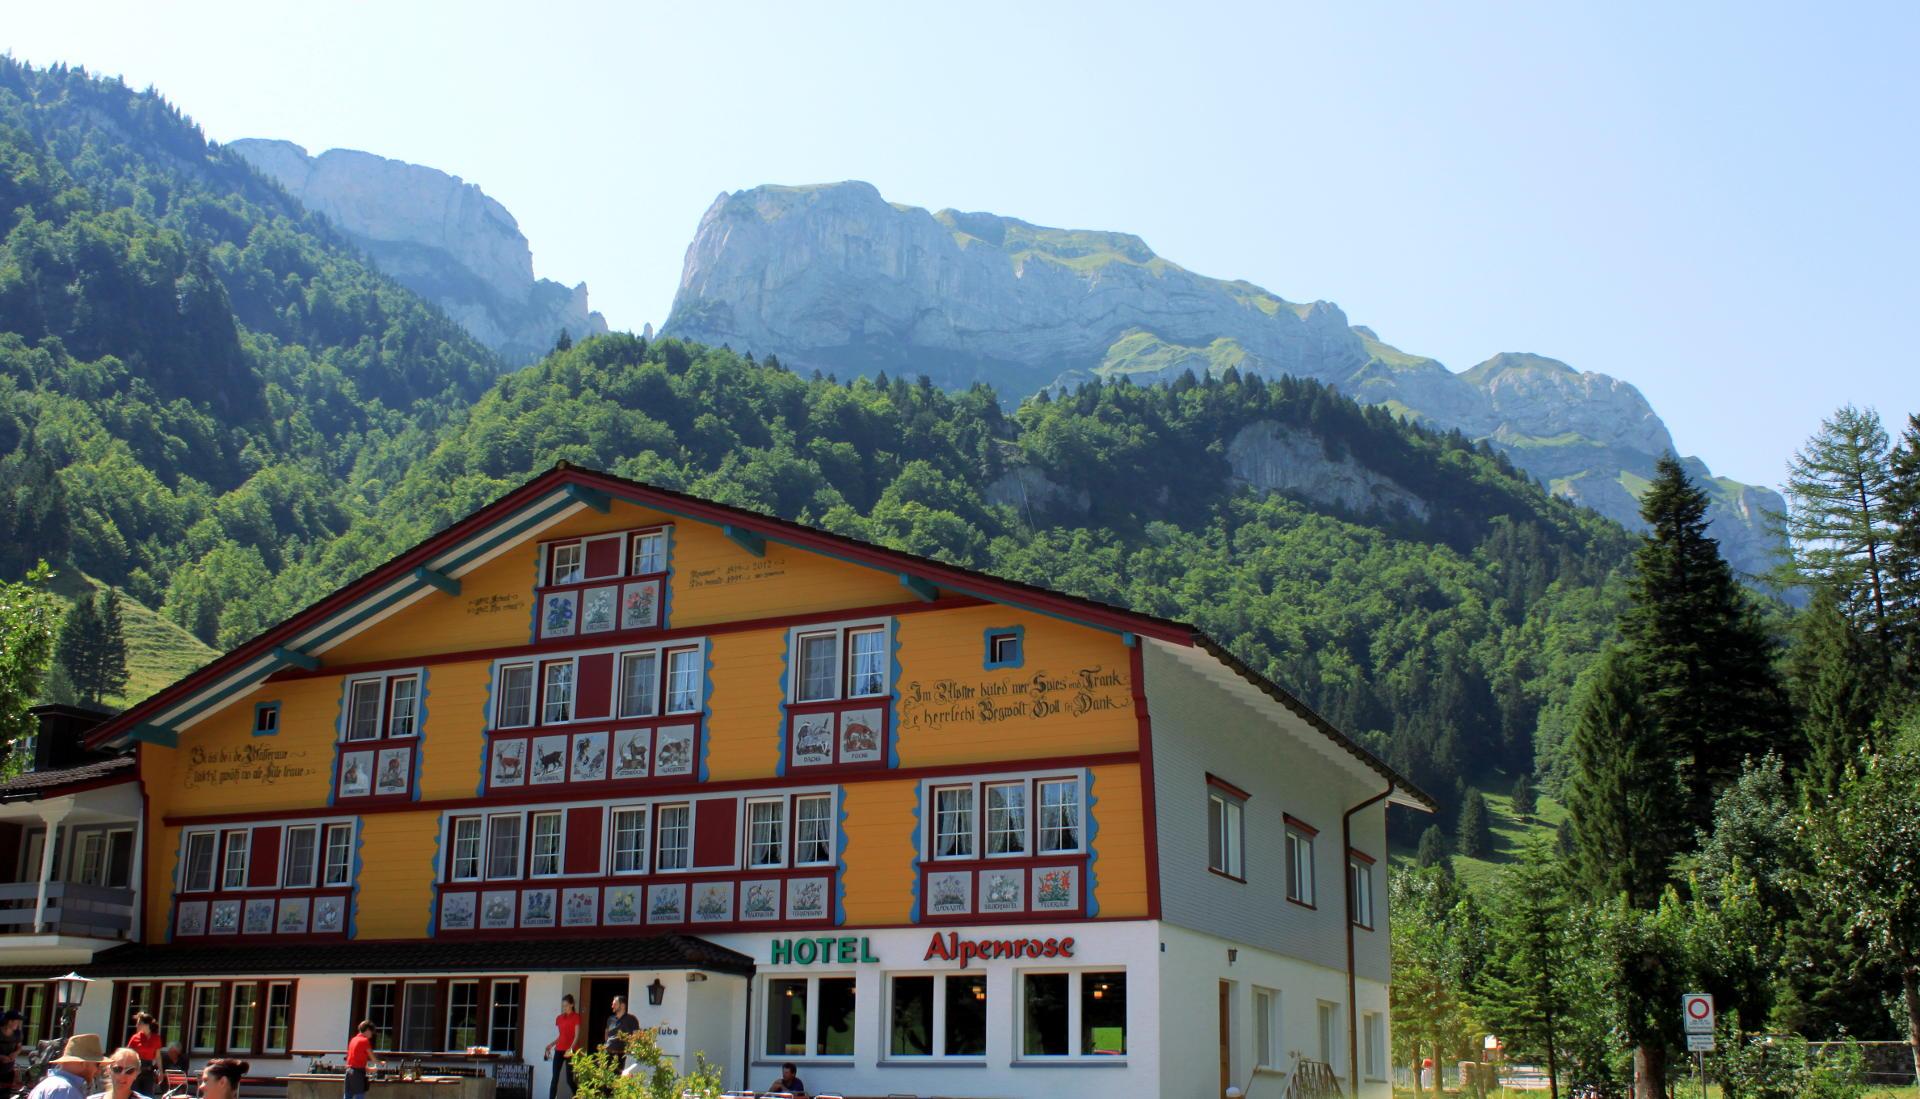 szwajcaria seealpsee hotel alpenrose alpy iglawpodrozy